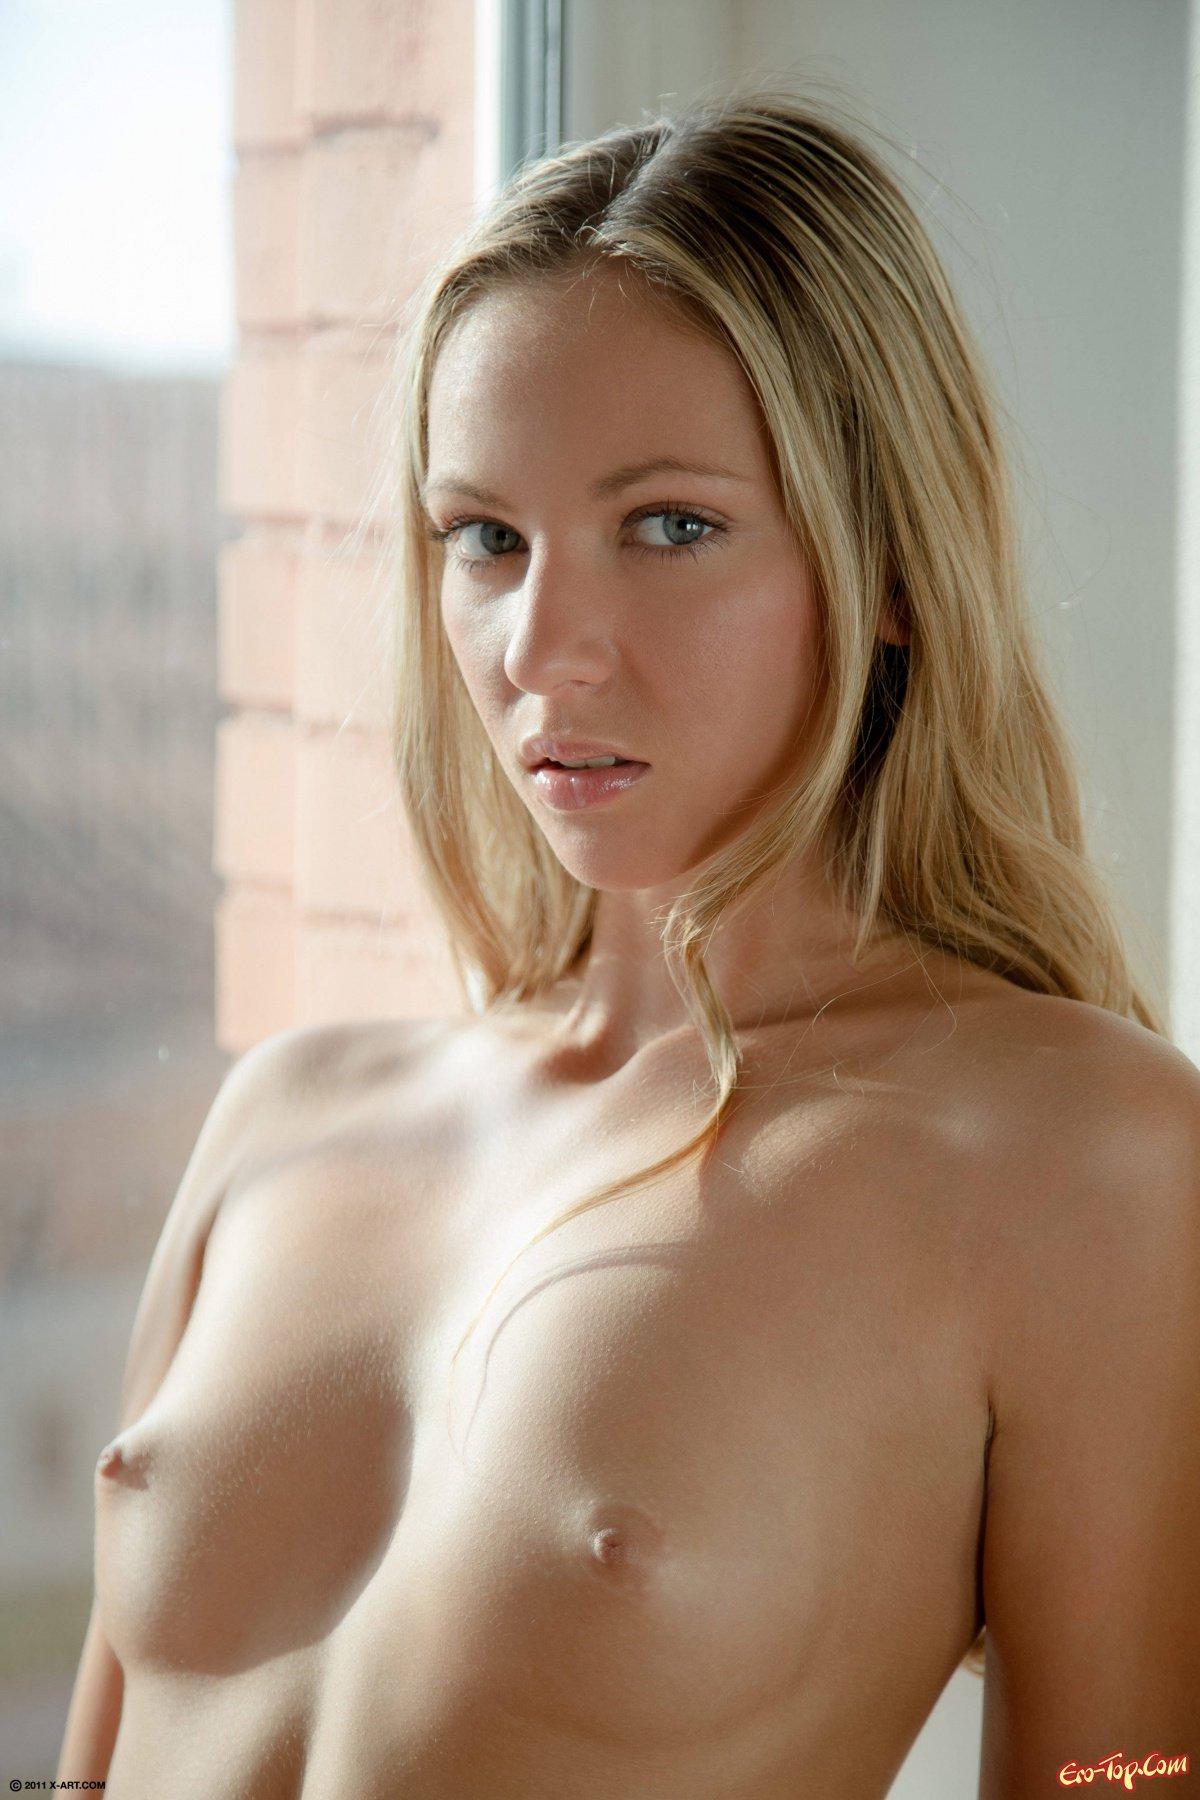 Хорошенькая голая сучка фото секс фото